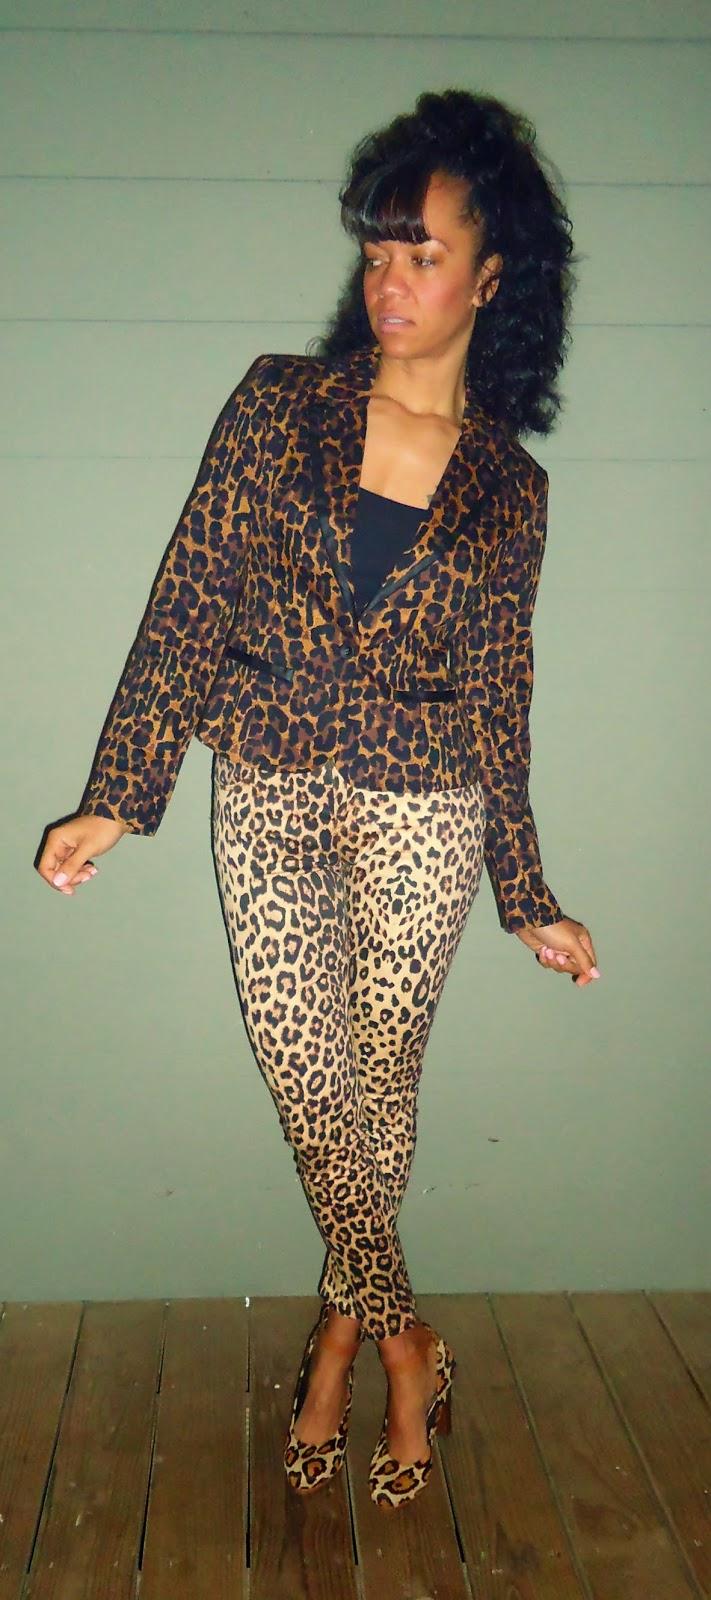 Leopard Skinny Jeans and Blazer